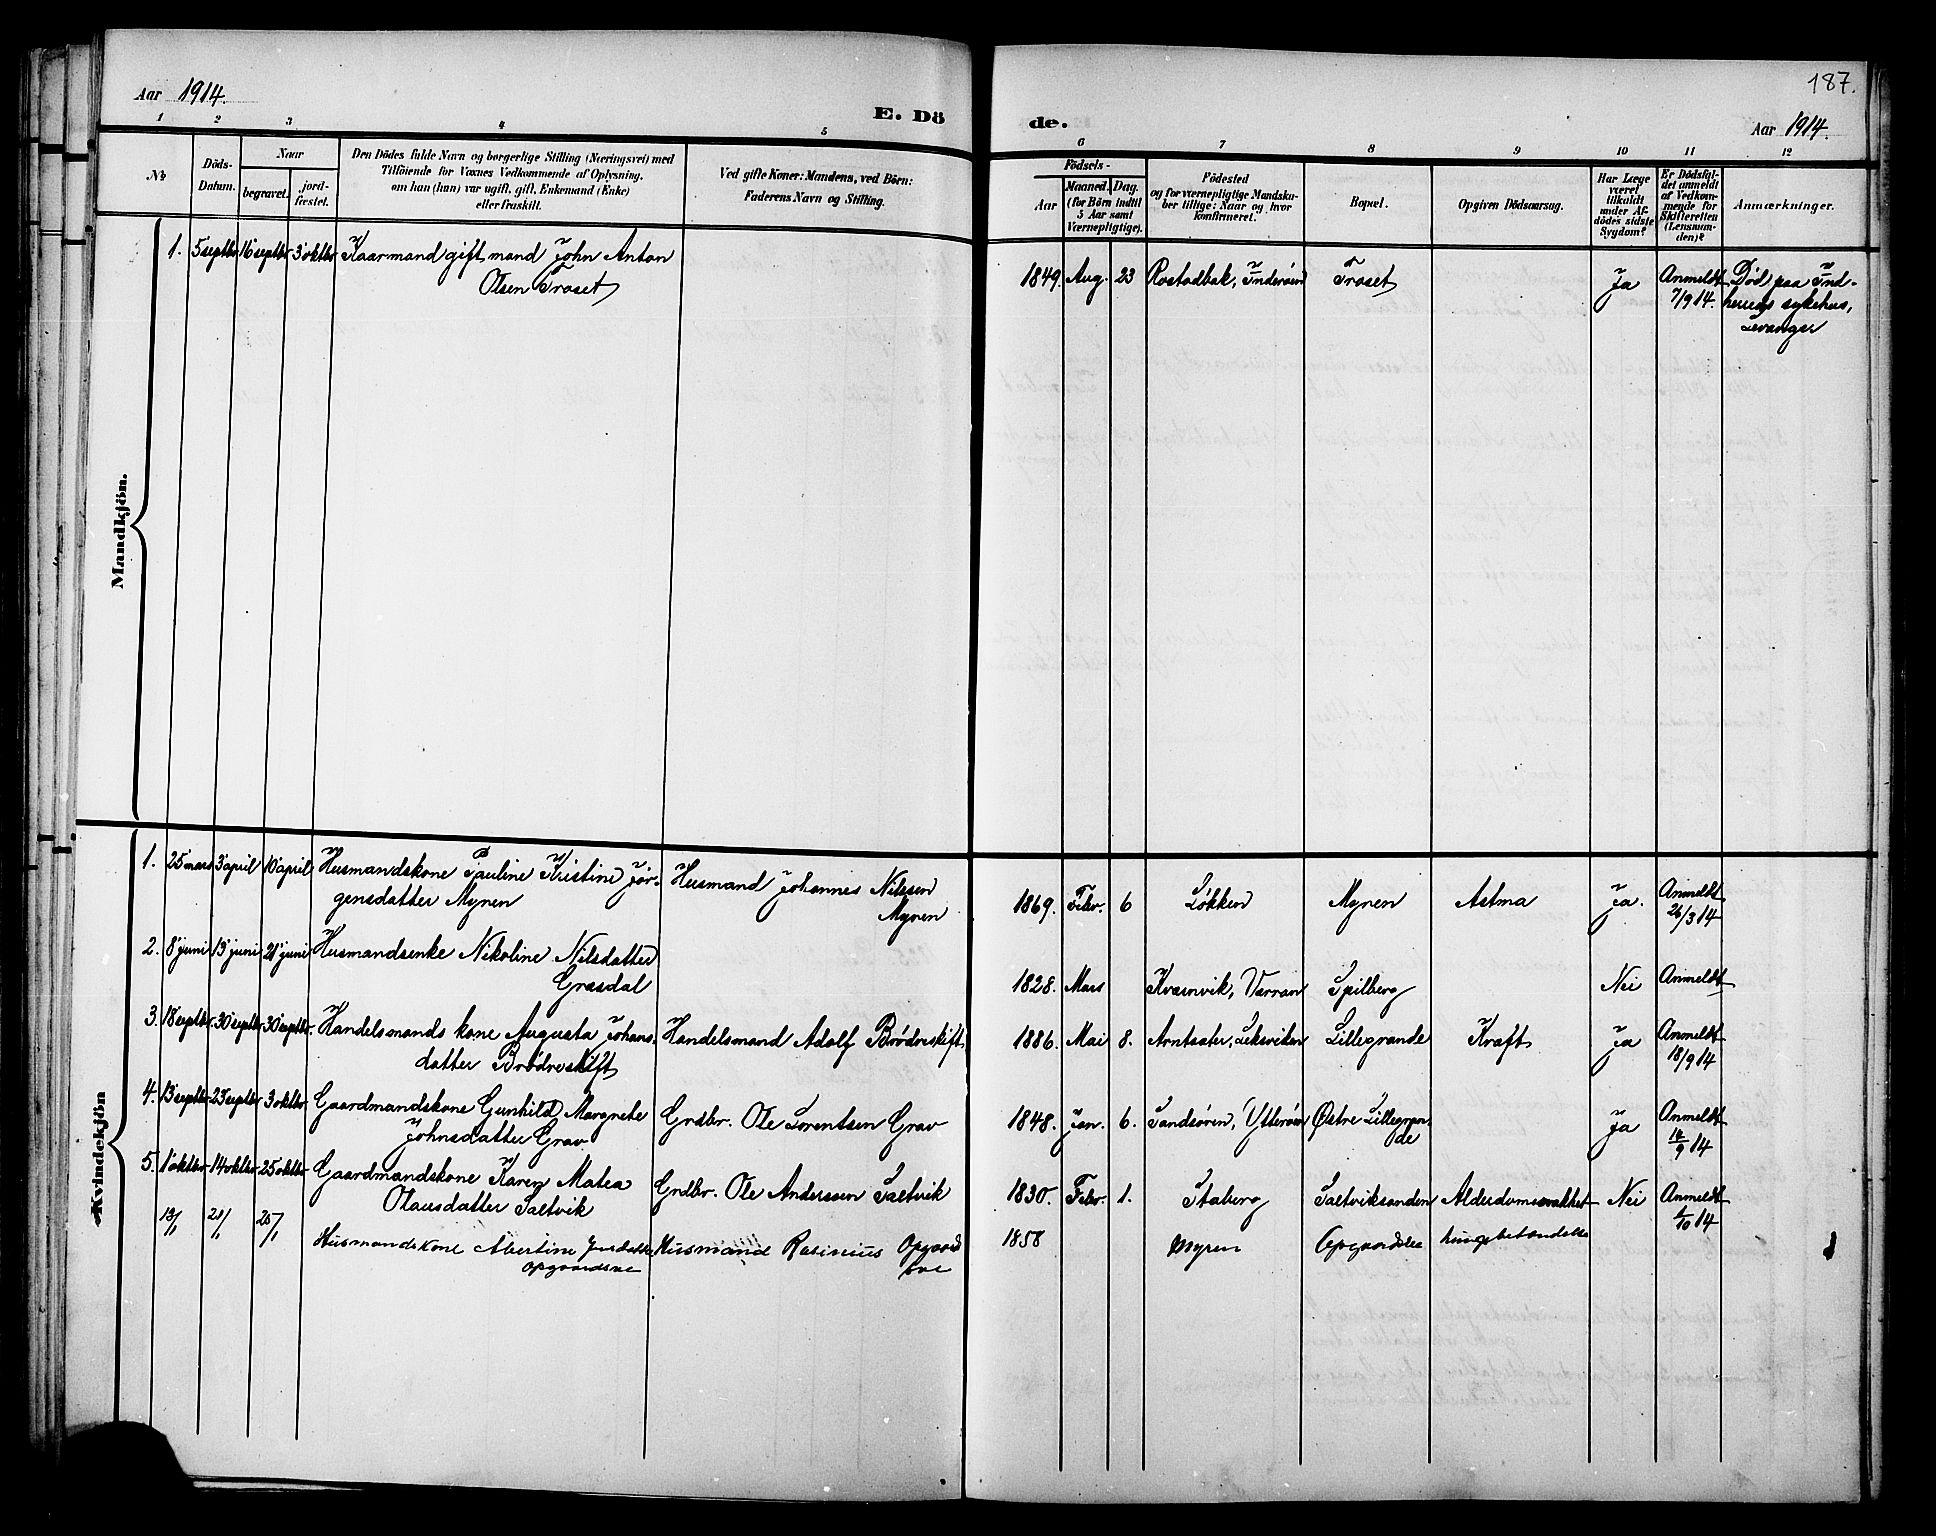 SAT, Ministerialprotokoller, klokkerbøker og fødselsregistre - Nord-Trøndelag, 733/L0327: Klokkerbok nr. 733C02, 1888-1918, s. 187